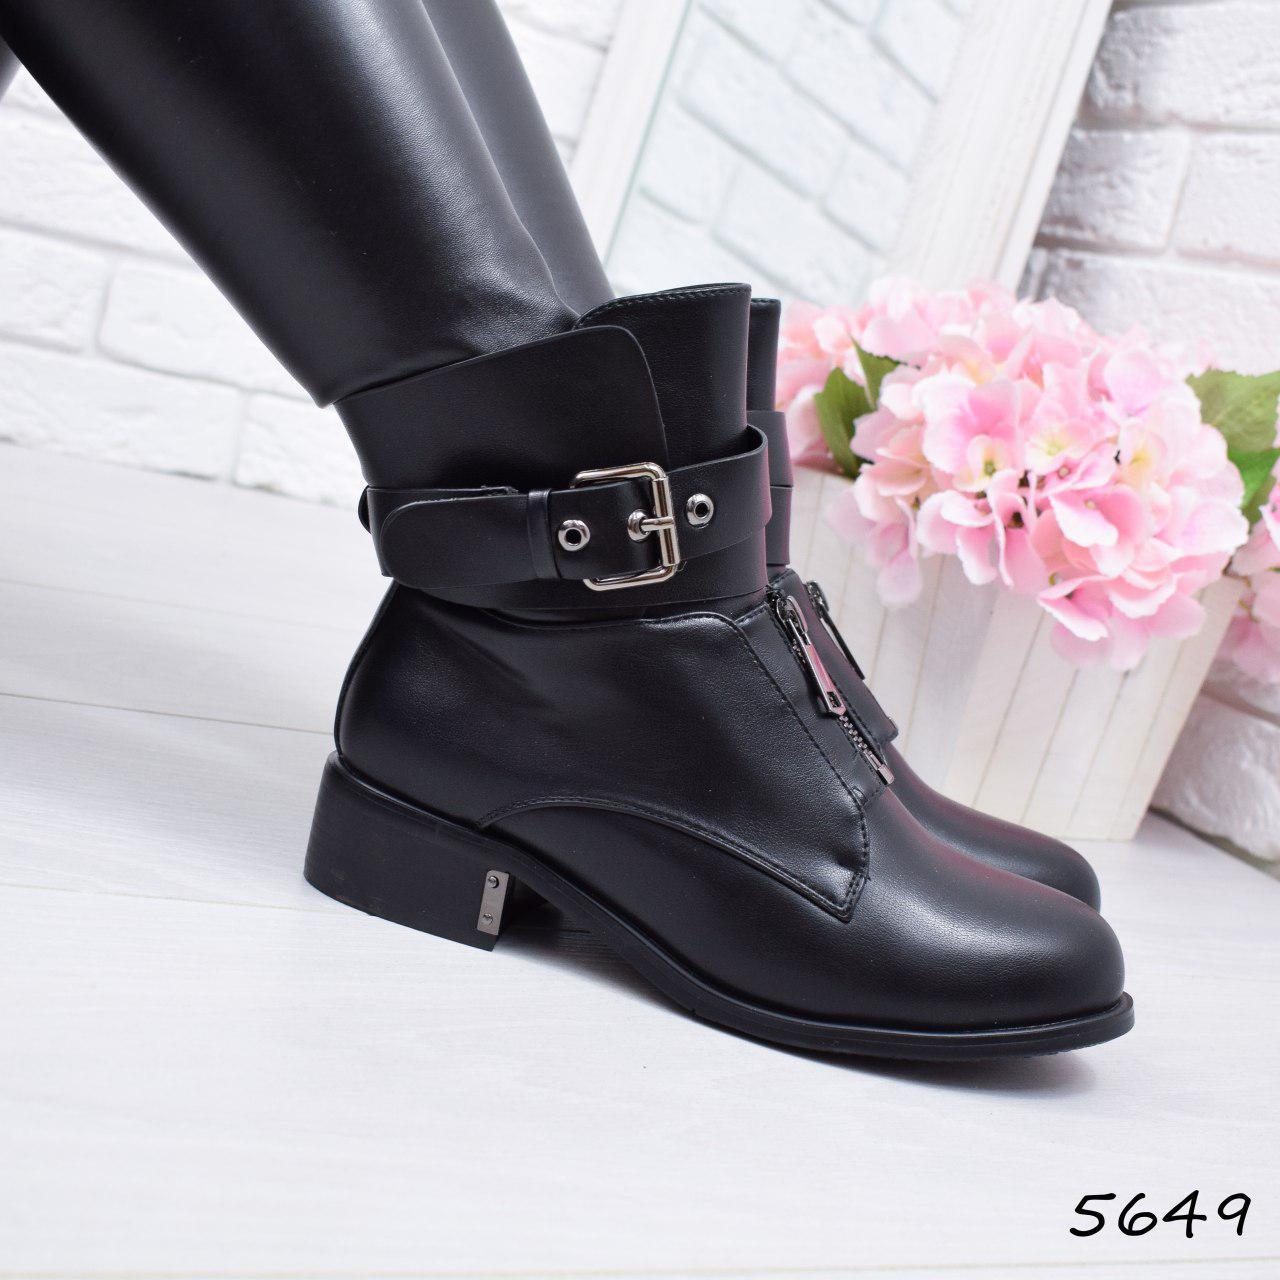 """Ботинки, ботильоны черные """"Jukota"""" эко кожа, повседневная, демисезонная, осенняя, женская обувь"""